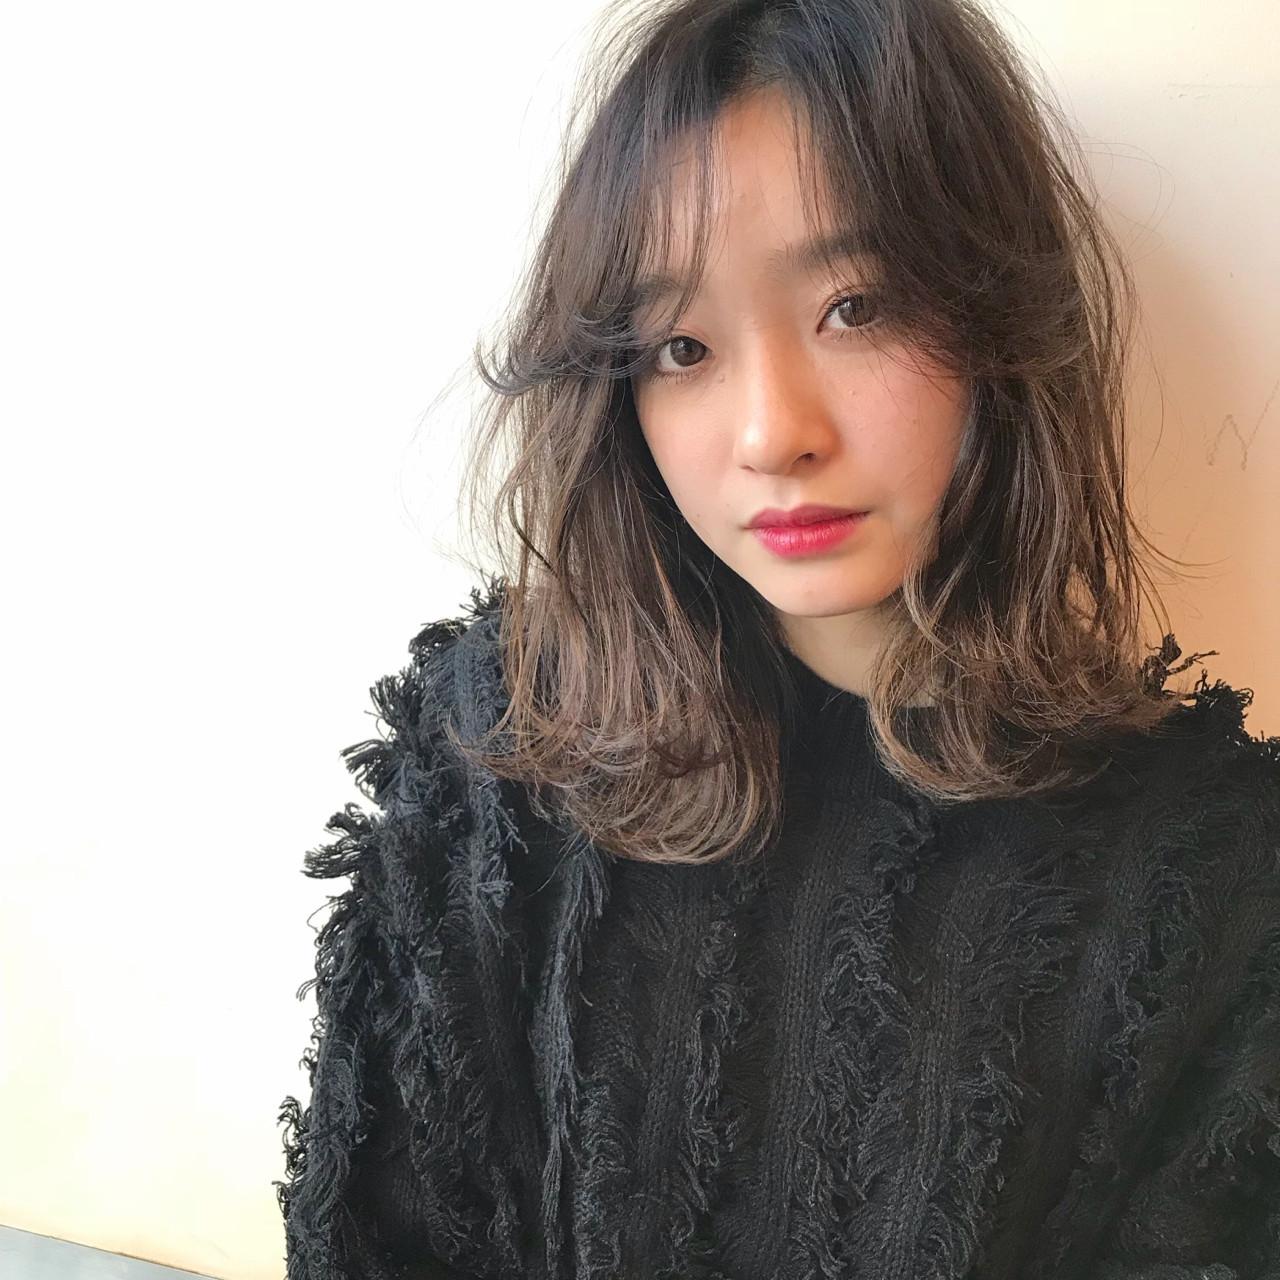 シアカラー×ローライトのアクセントヘア 遠井 春彦